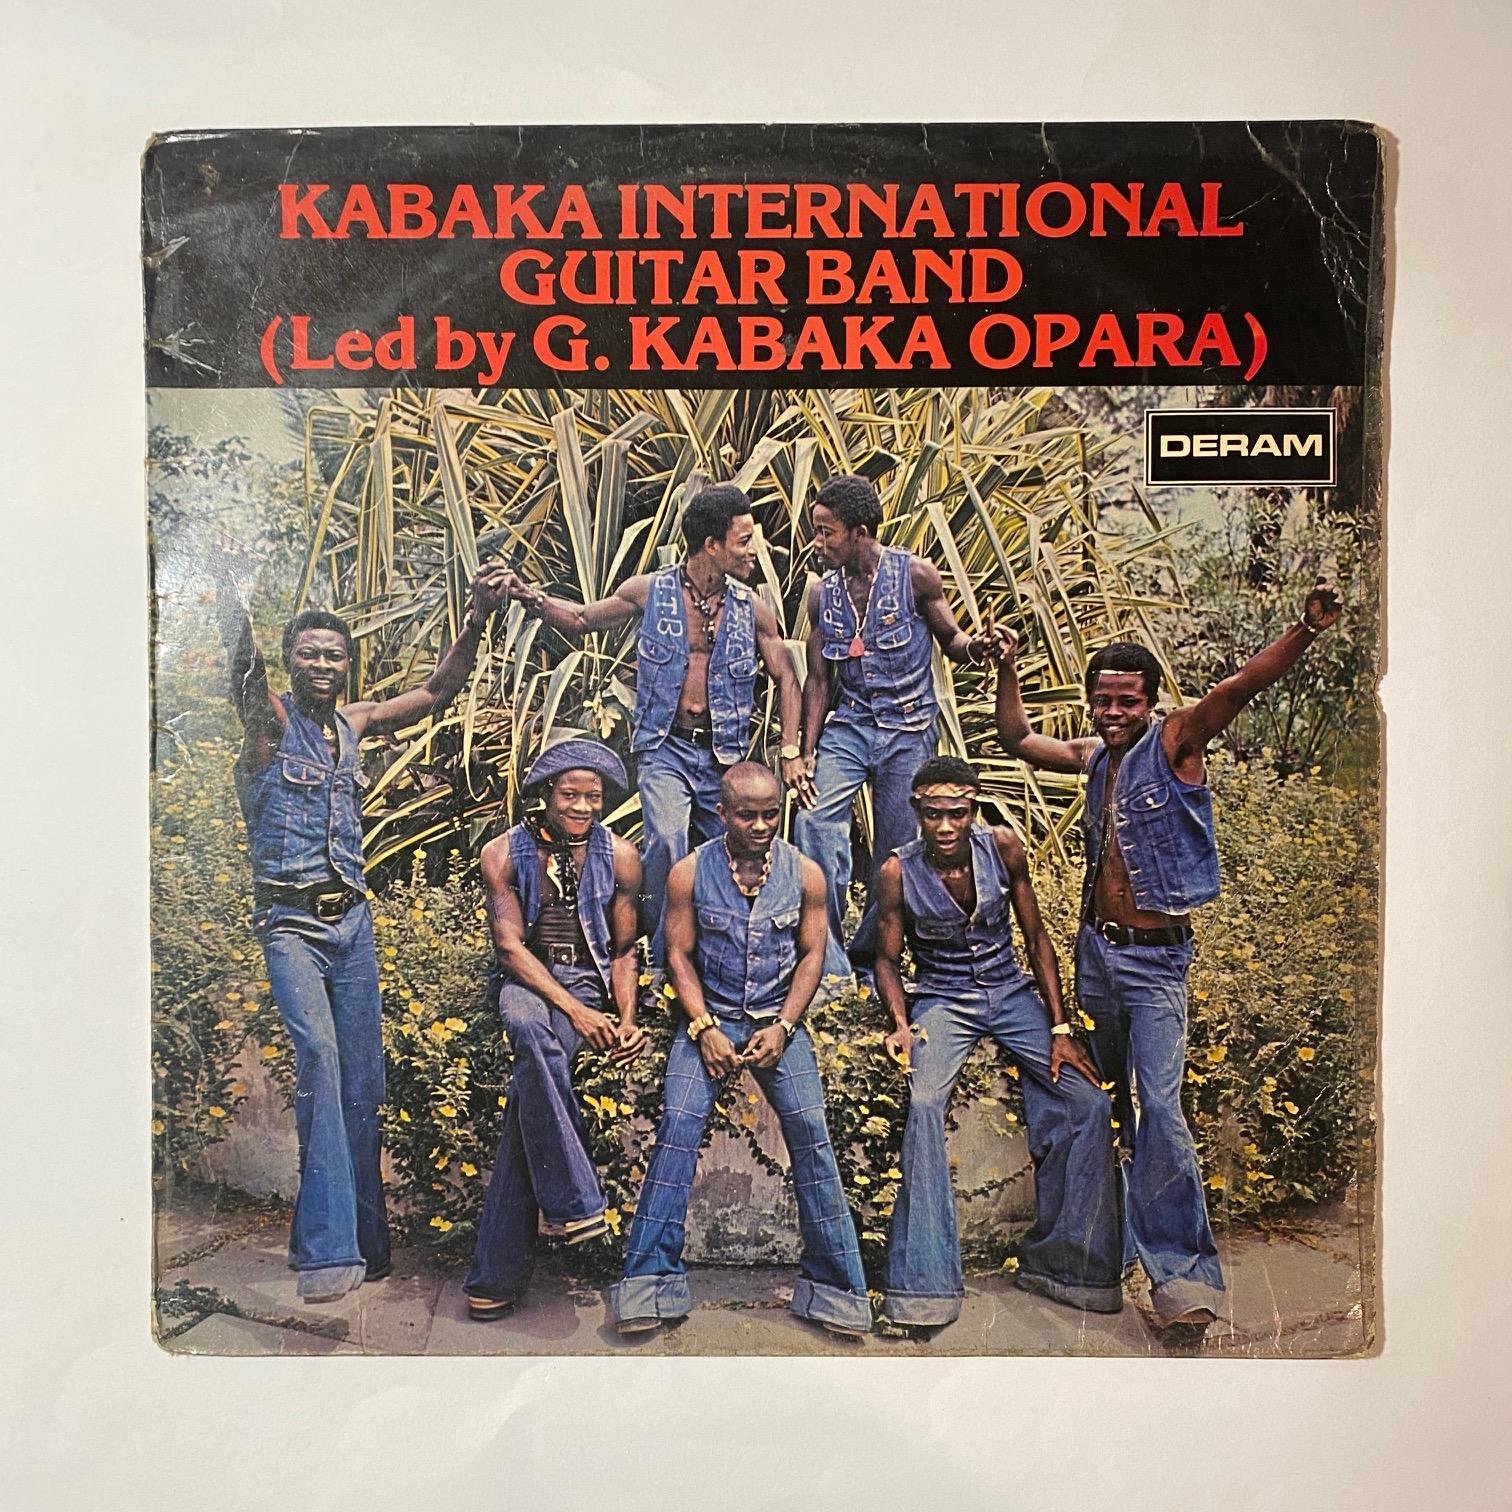 KABAKA INTERNATIONAL GUITAR BAND - Led by G. Kabaka Opara - 33T